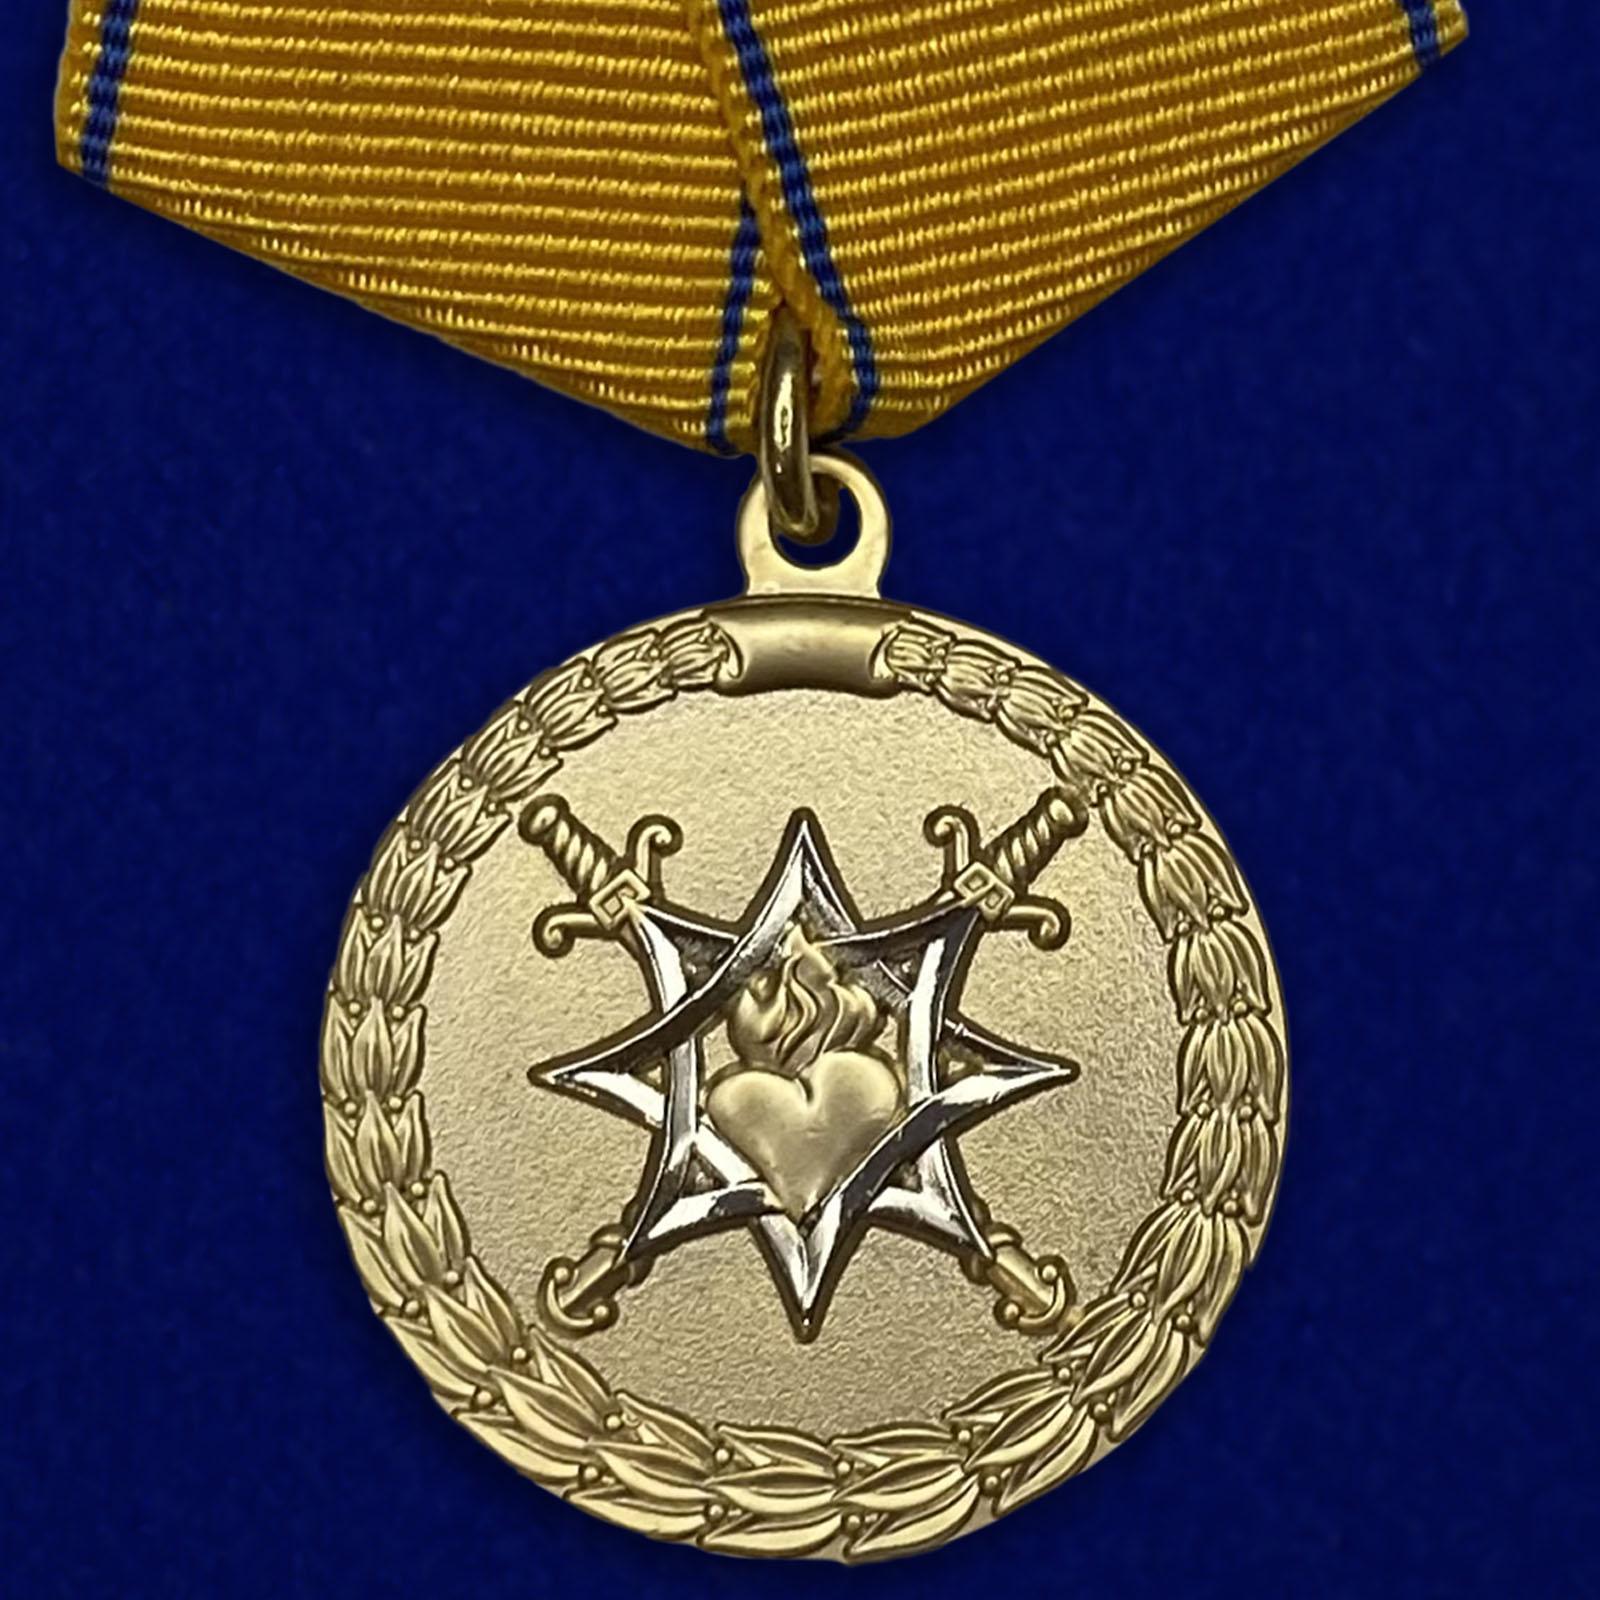 Купить медаль За смелость во имя спасения МВД России на подставке с доставкой